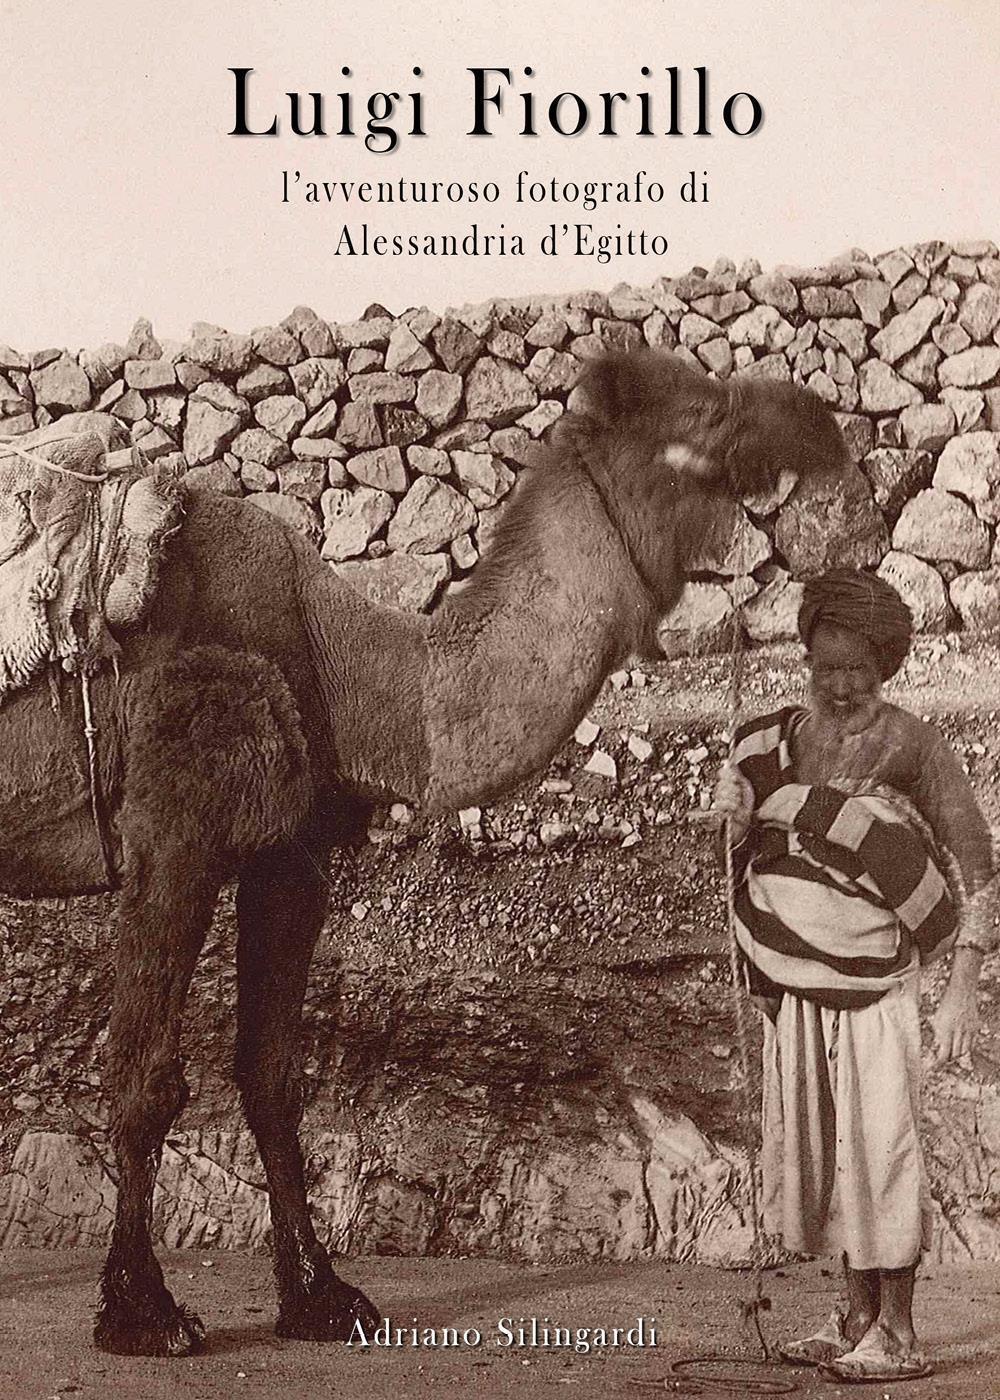 Luigi Fiorillo - l'avventuroso fotografo di Alessandria d'Egitto